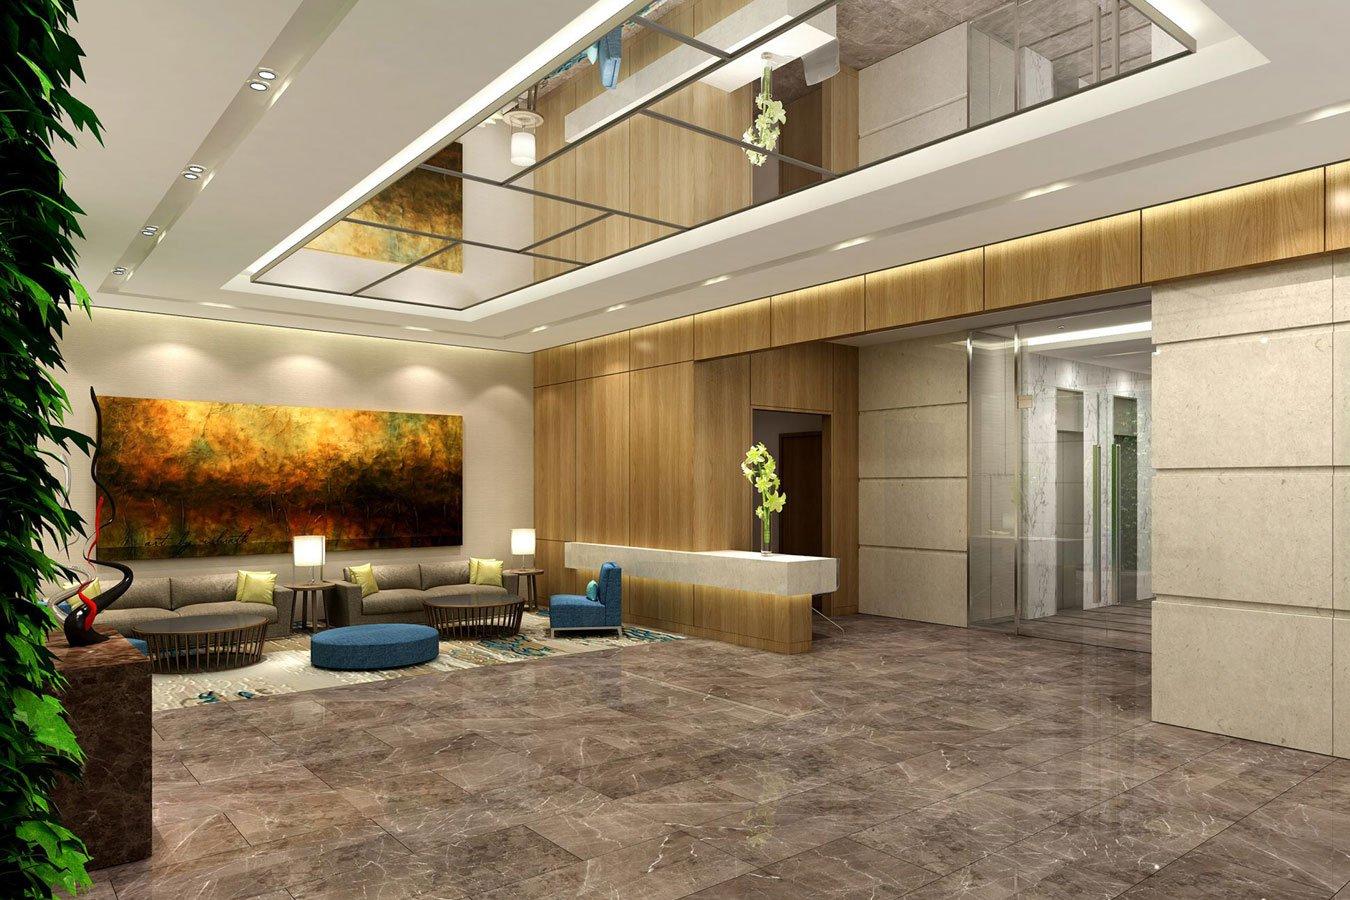 Trung tâm ký gửi, chuyển nhượng, cho thuê căn hộ, nhà phố thương mại KDT Sala LH 0944909192